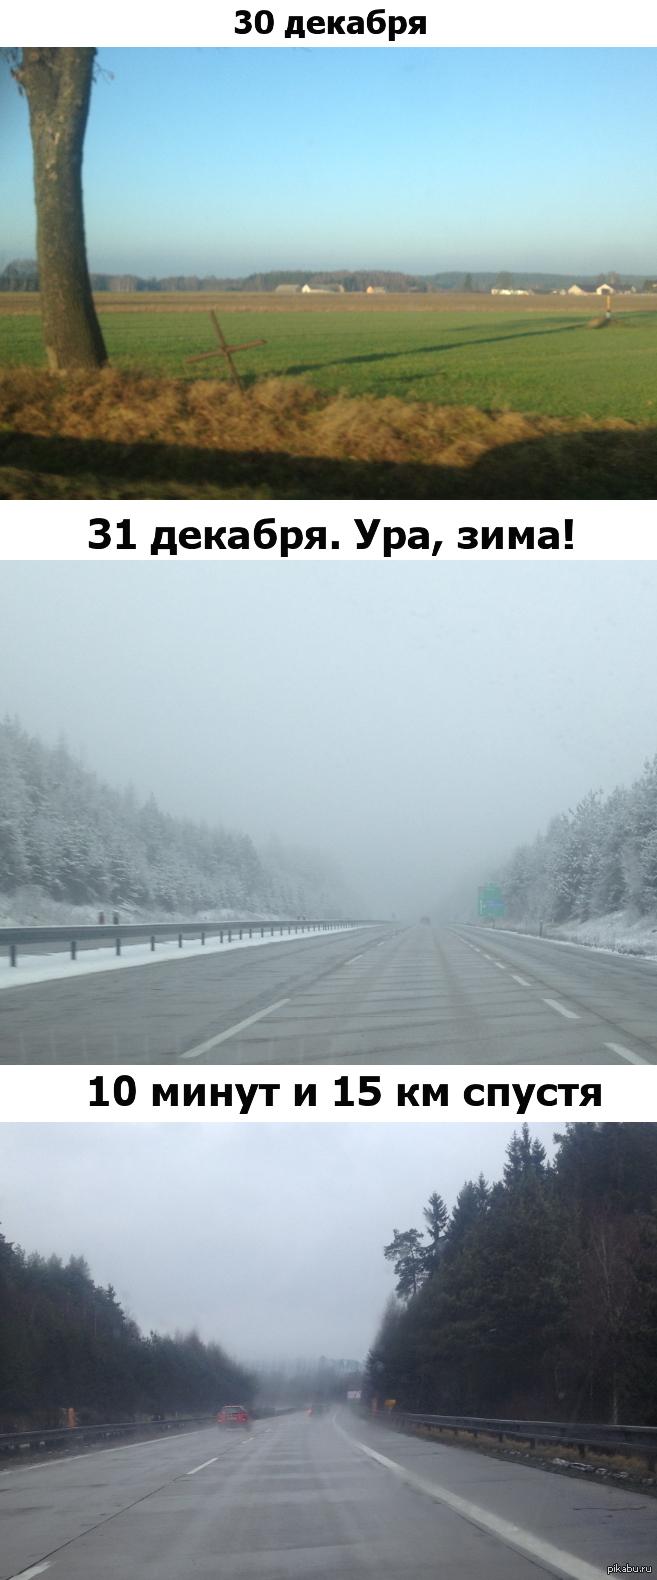 Зима в Польше и Чехии Поехал на НГ в Чехию. Погода - начало октября.